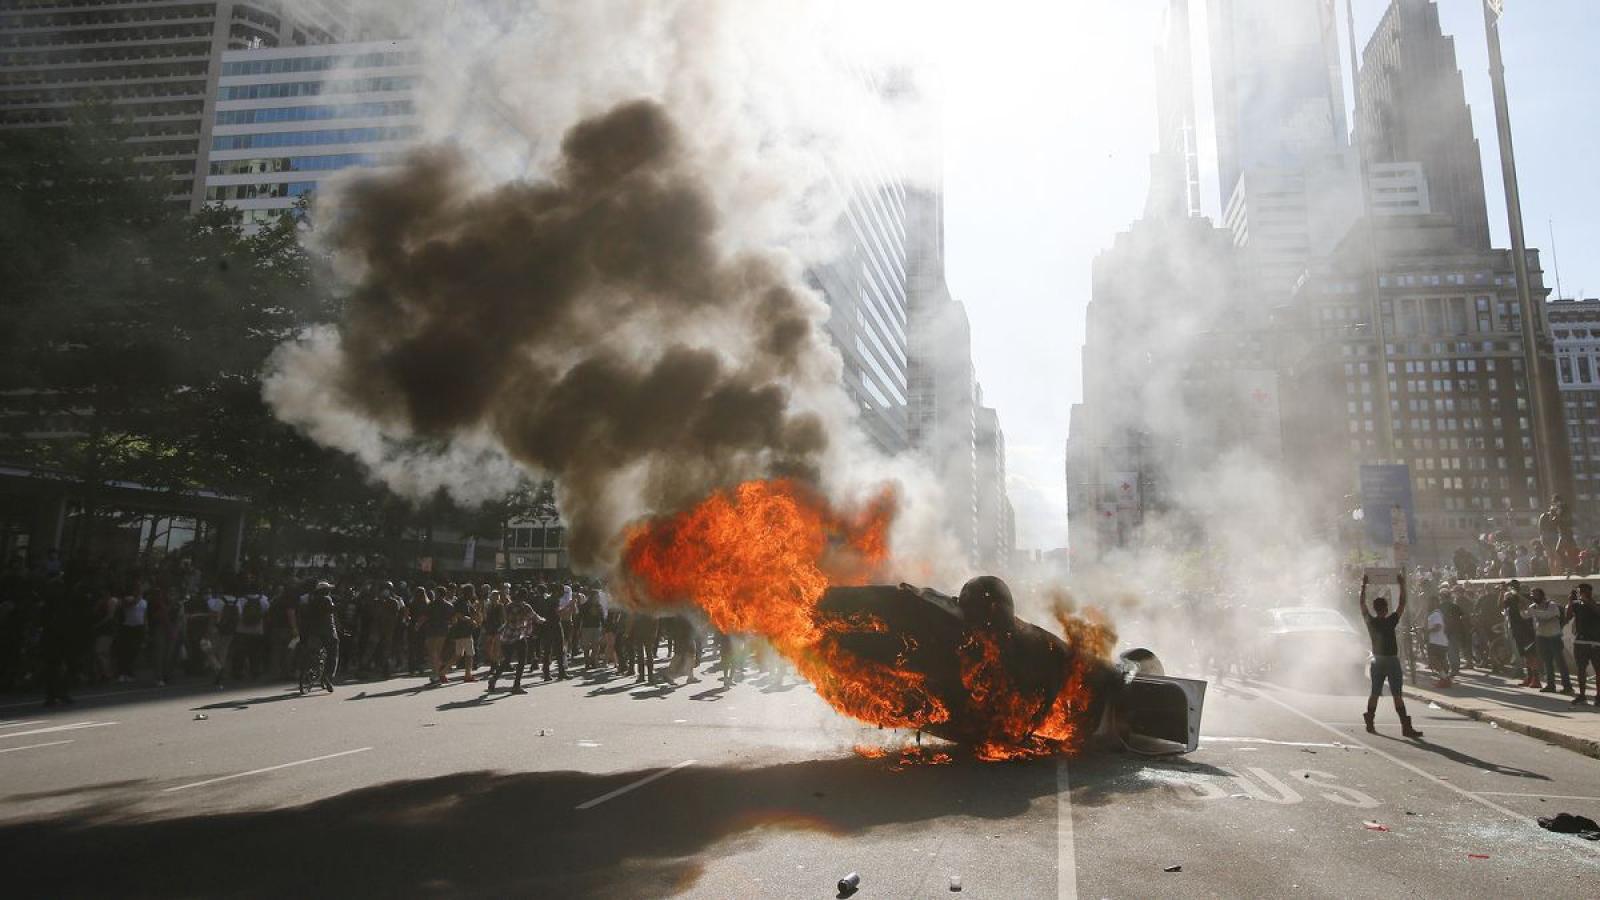 Mỹ khôi phục trật tự trong bối cảnh biểu tình diễn biến phức tạp